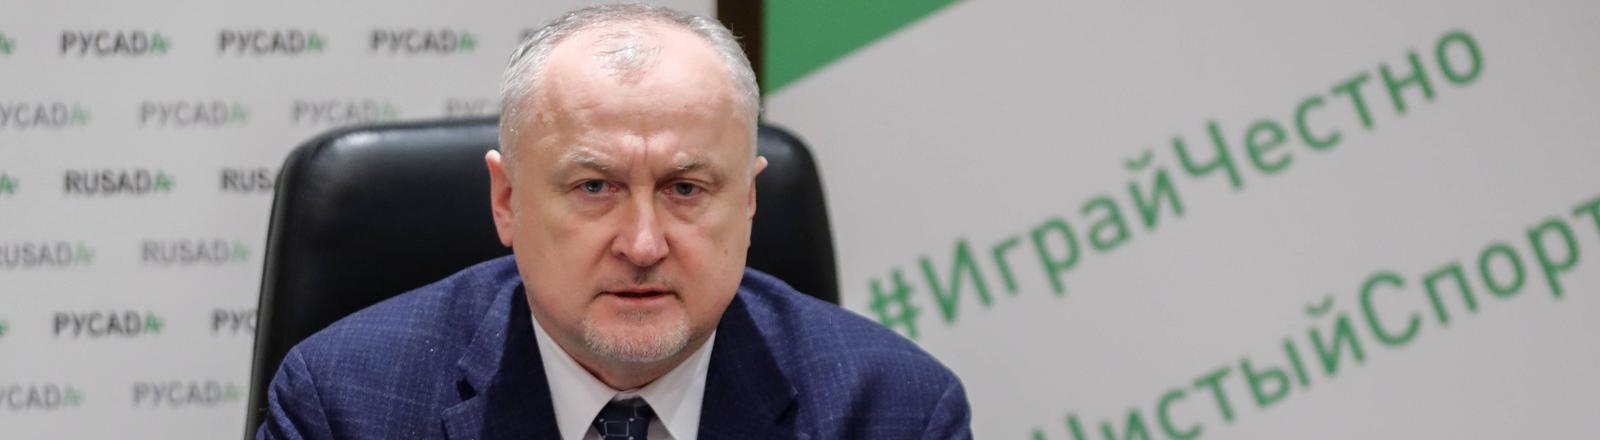 Der Direktor der Russischen Anti-Doping-Agentur Yuri Ganus bei einer Pressekonferenz im Januar 2019